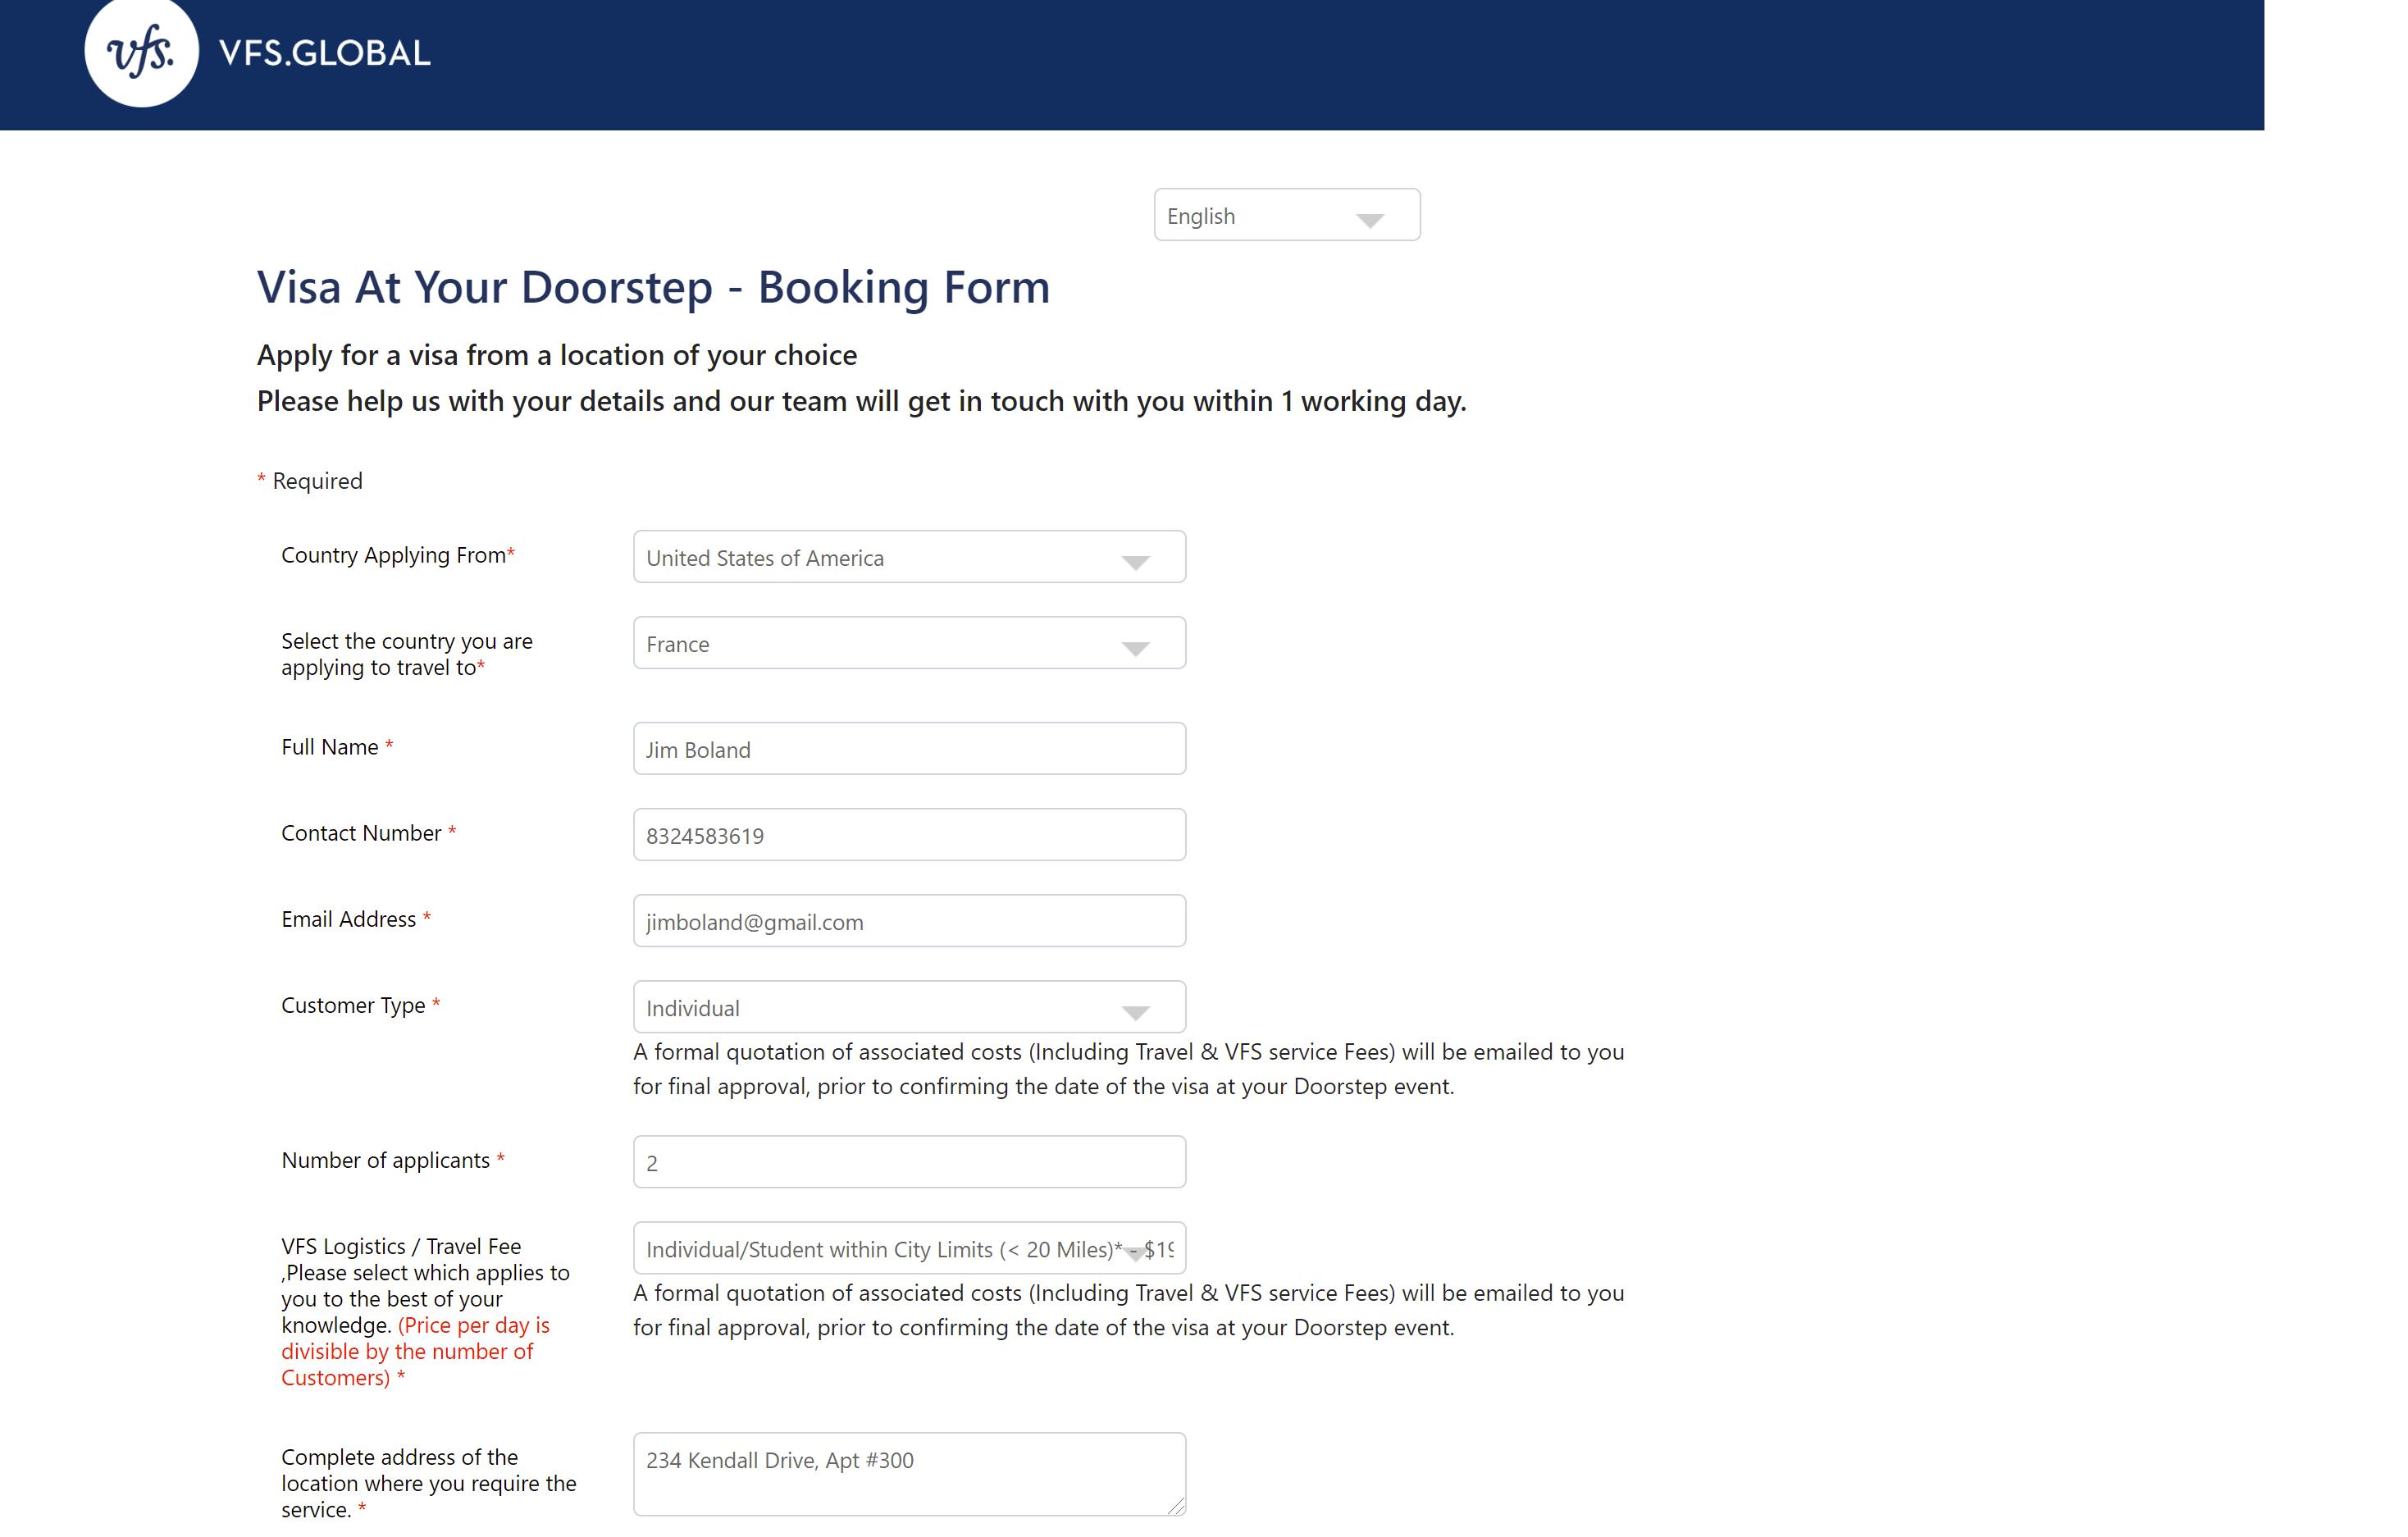 Schengen-Visa-Doorstep-Service-Appoinment-Form